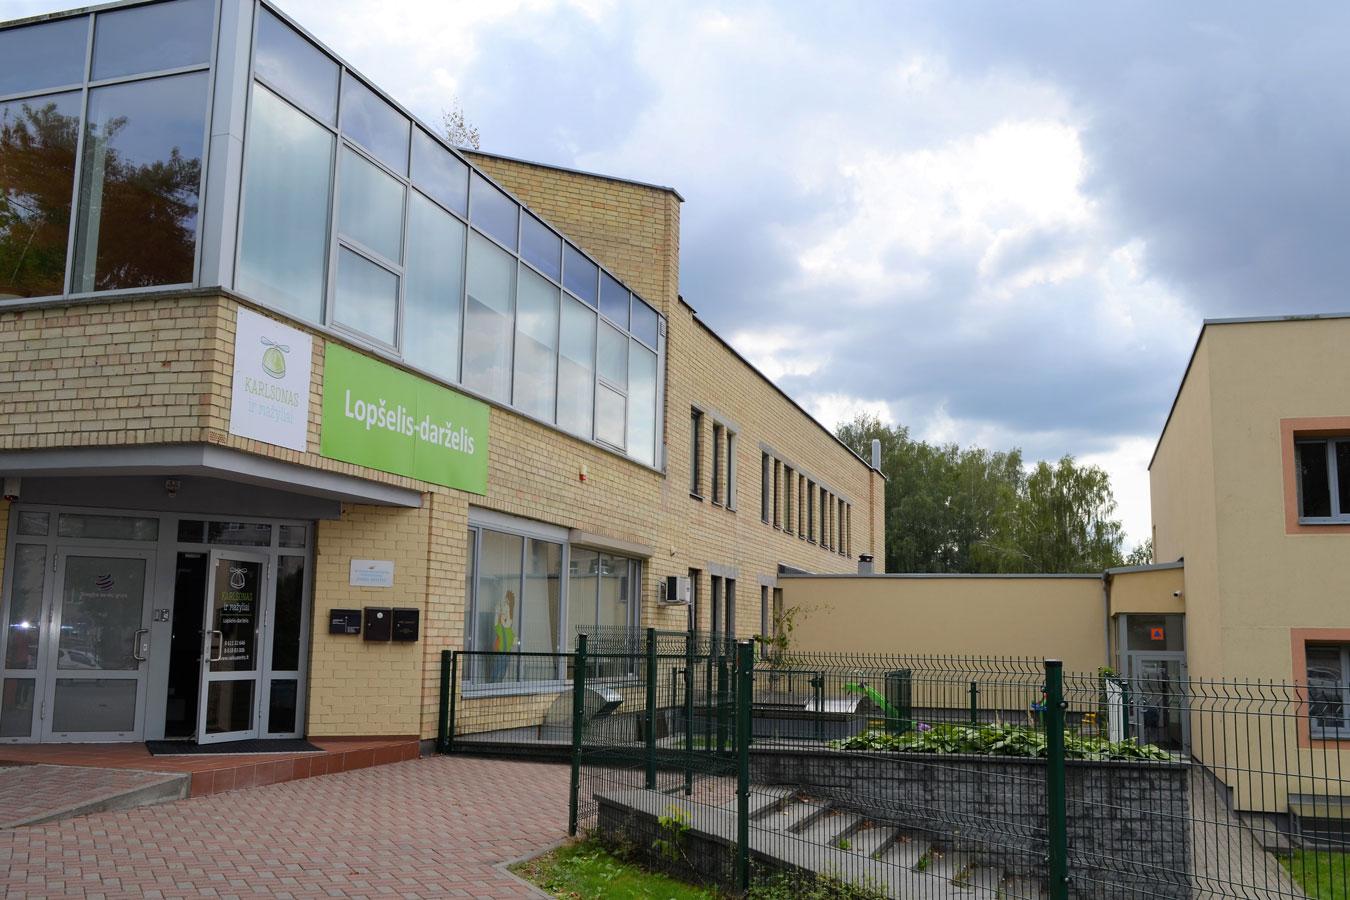 Parko darželis - vaikų darželis Antakalnyje Vilniuje